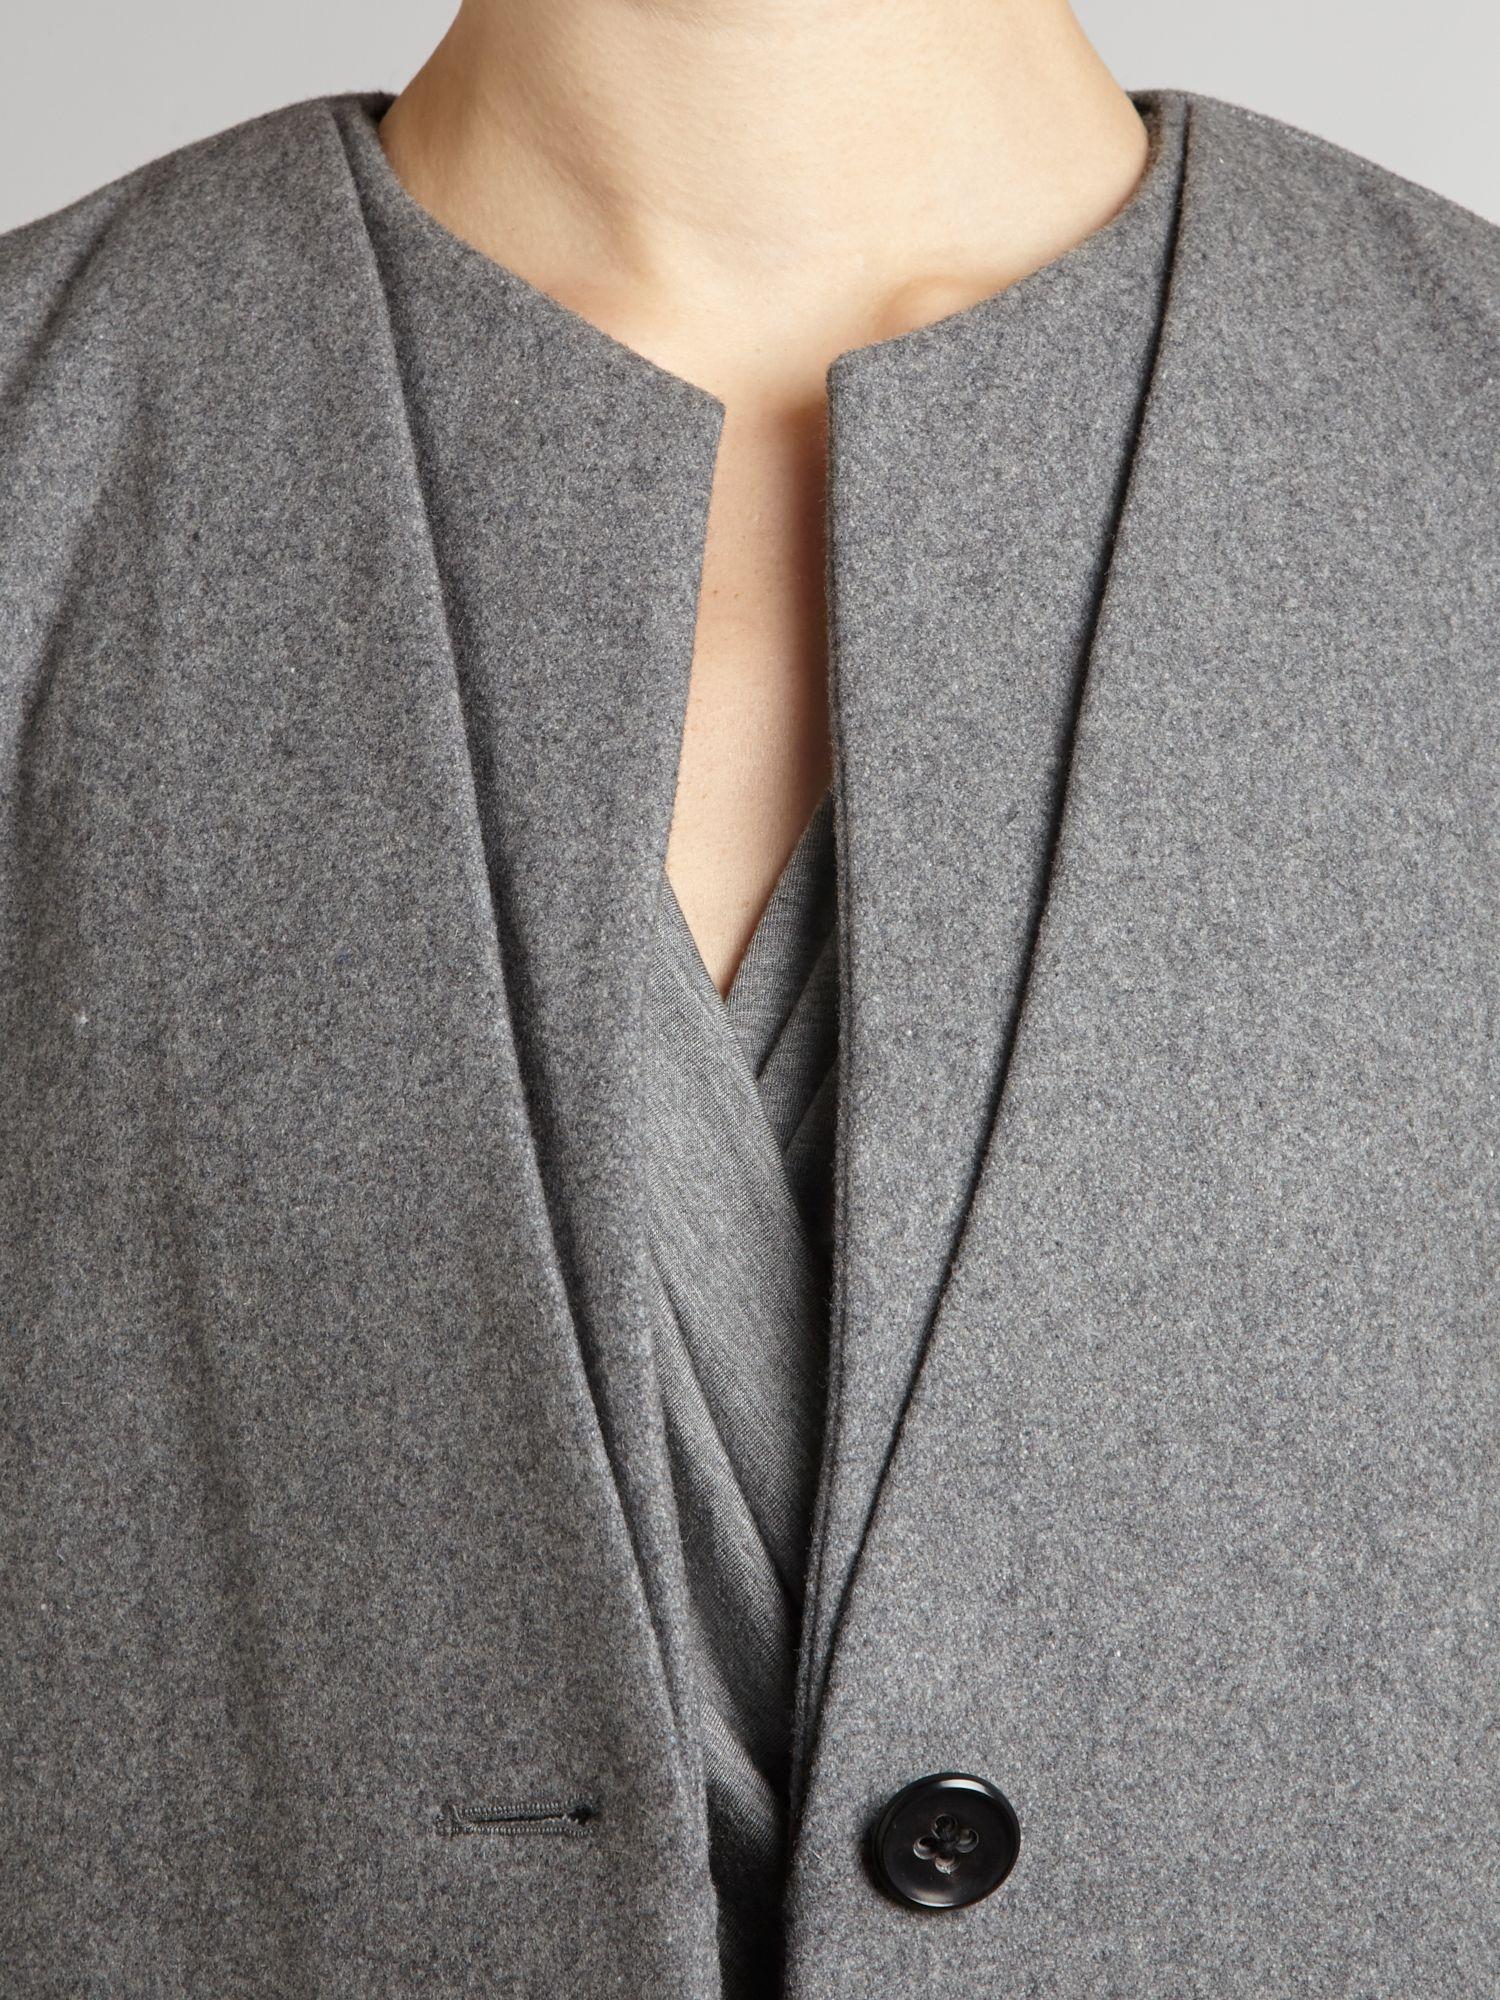 lyst day birger et mikkelsen day factual coat in gray. Black Bedroom Furniture Sets. Home Design Ideas